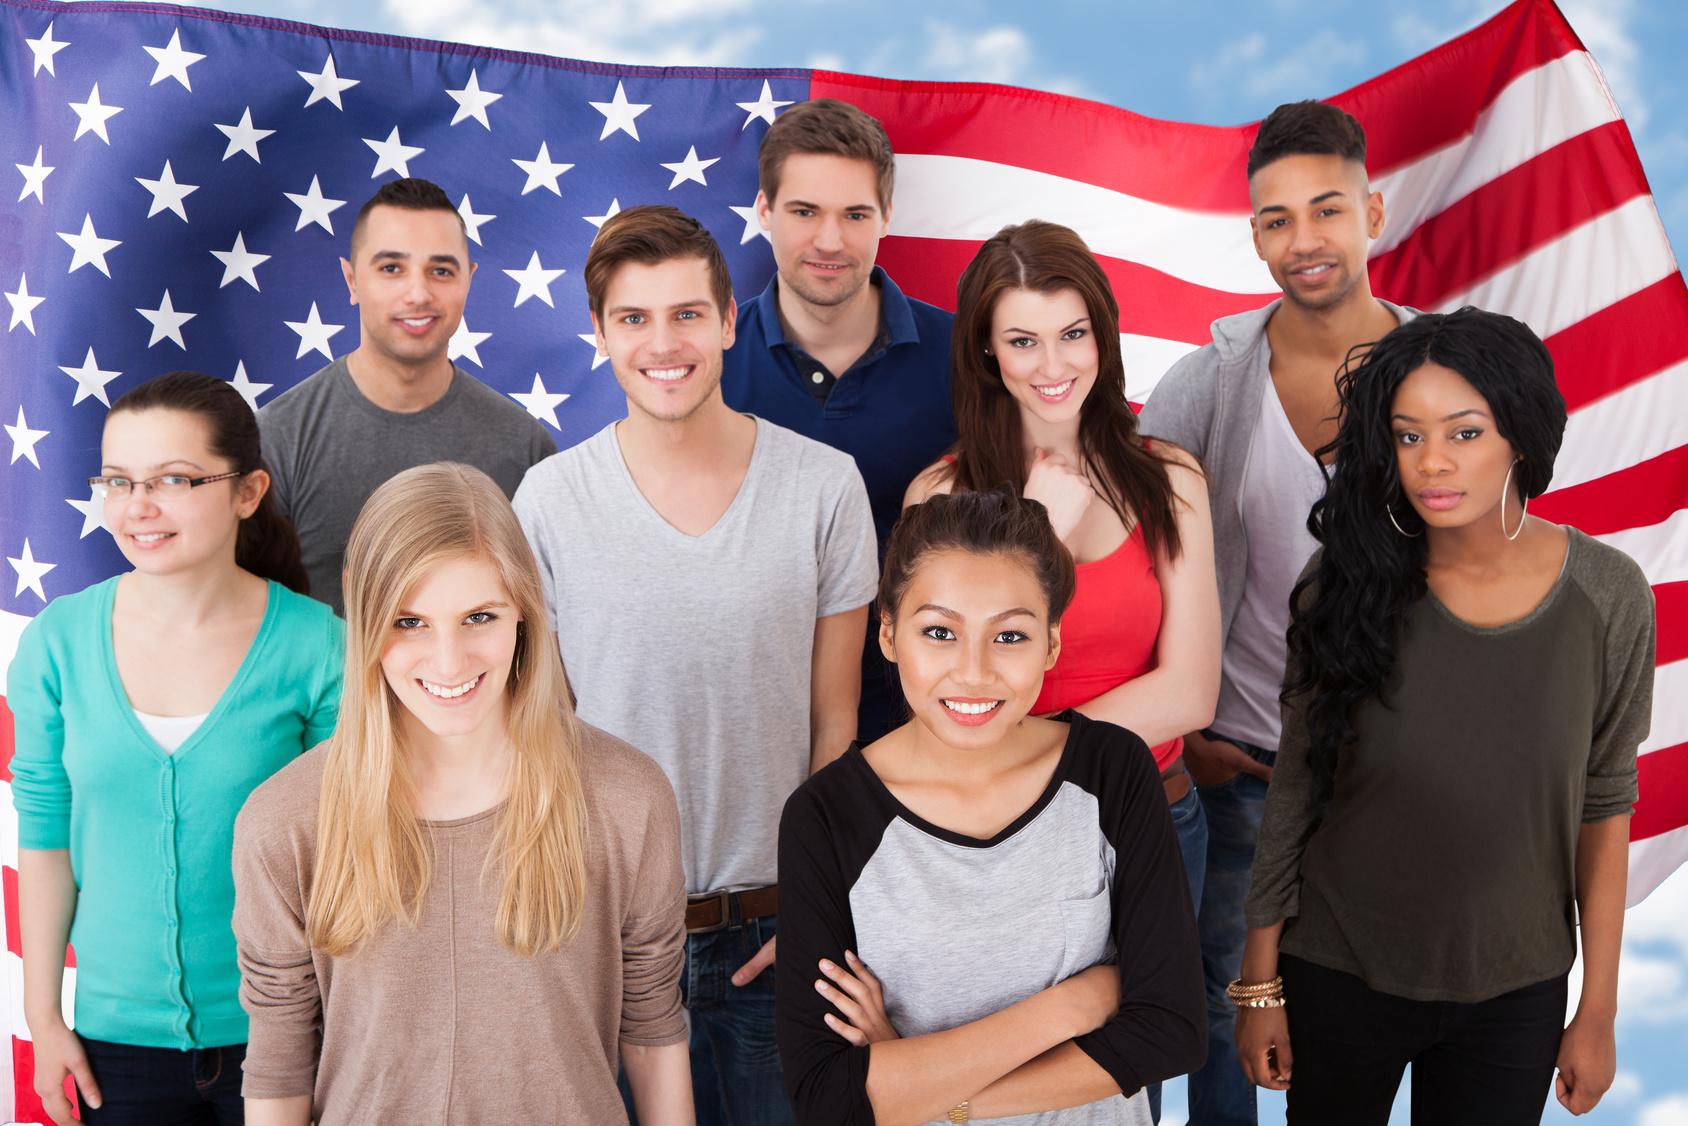 Văn hóa cần biết khi định cư Mỹ